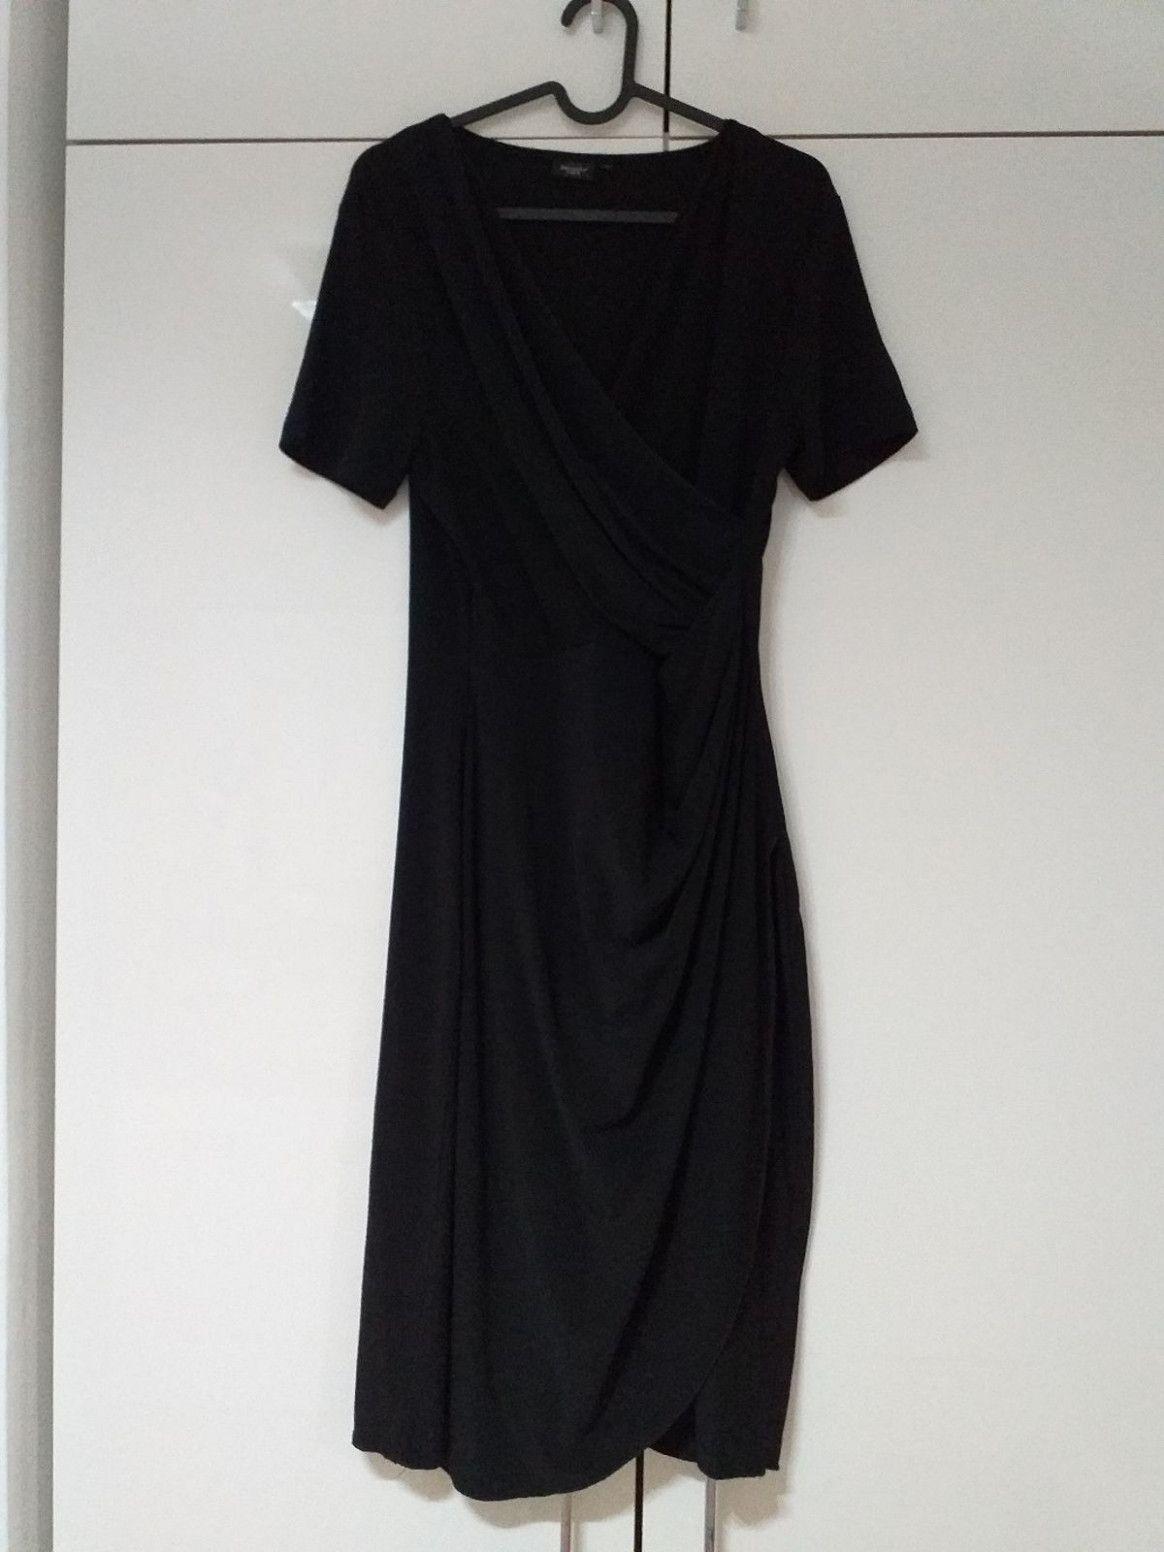 18 Schwarzes Kleid Knielang in 18  Schwarzes kleid knielang